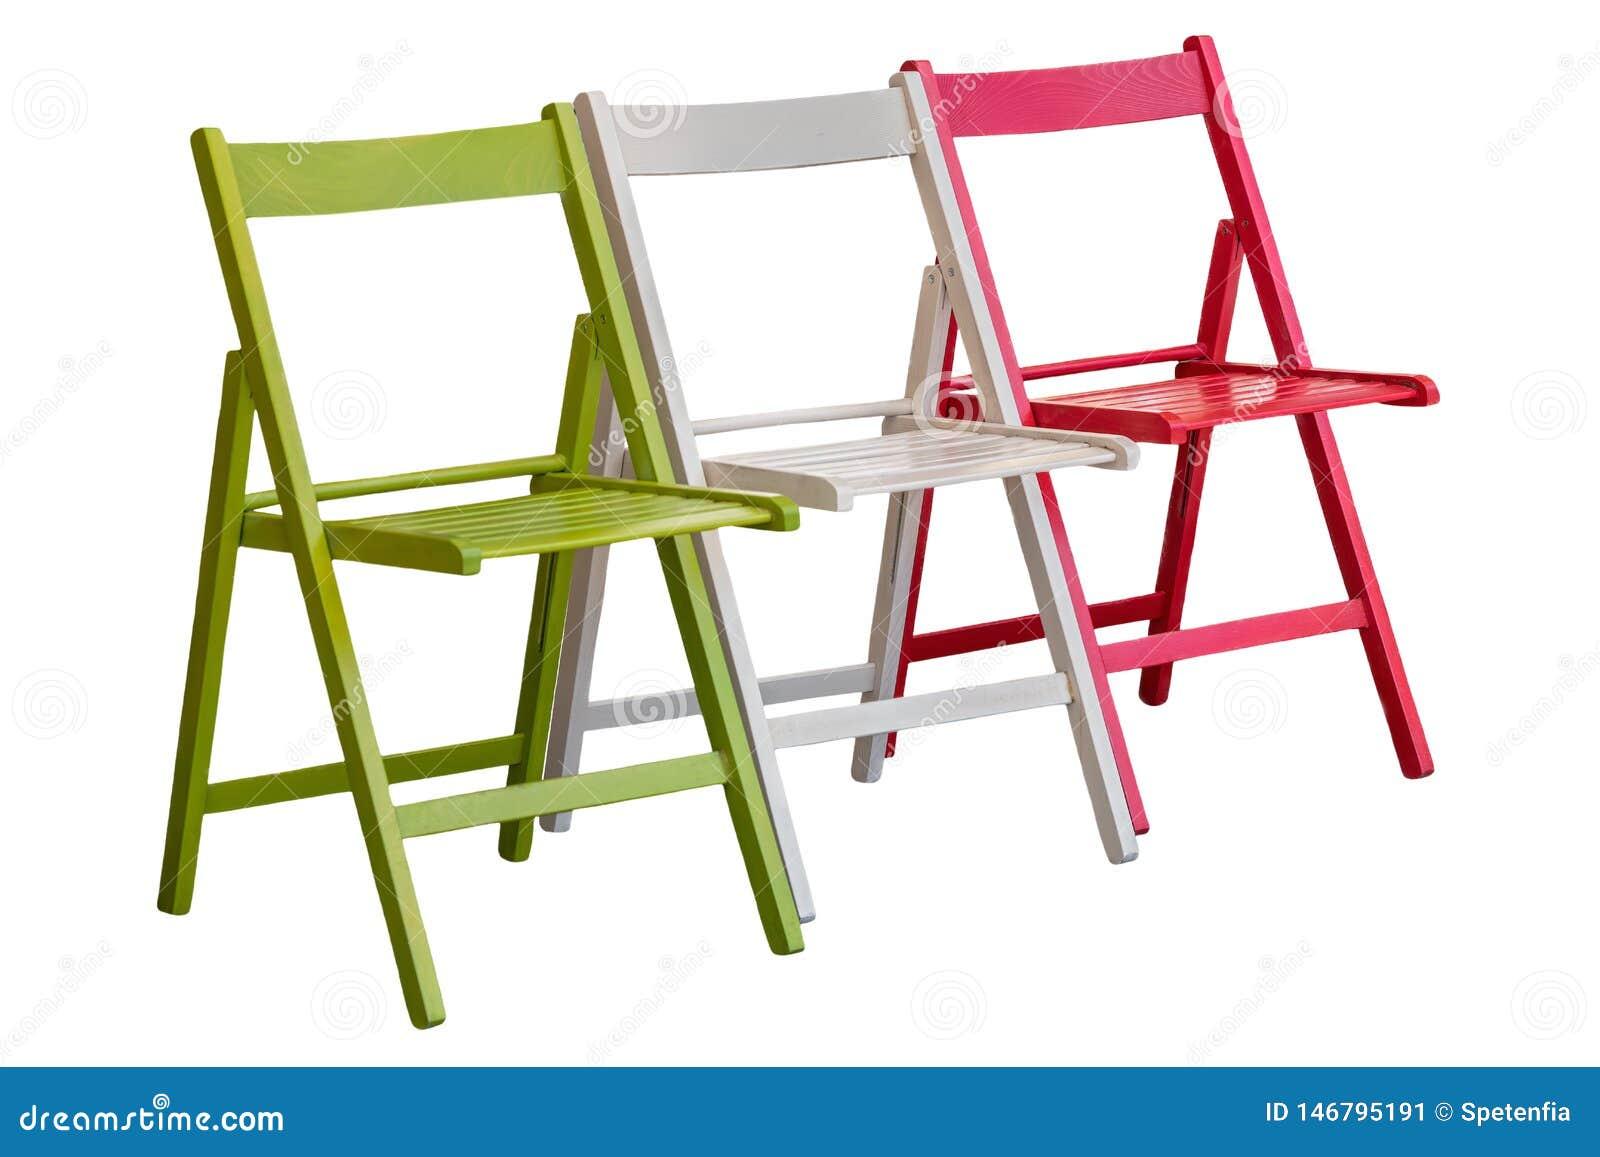 Zieleń, biel i czerwony krzesło jak włoch flaga,